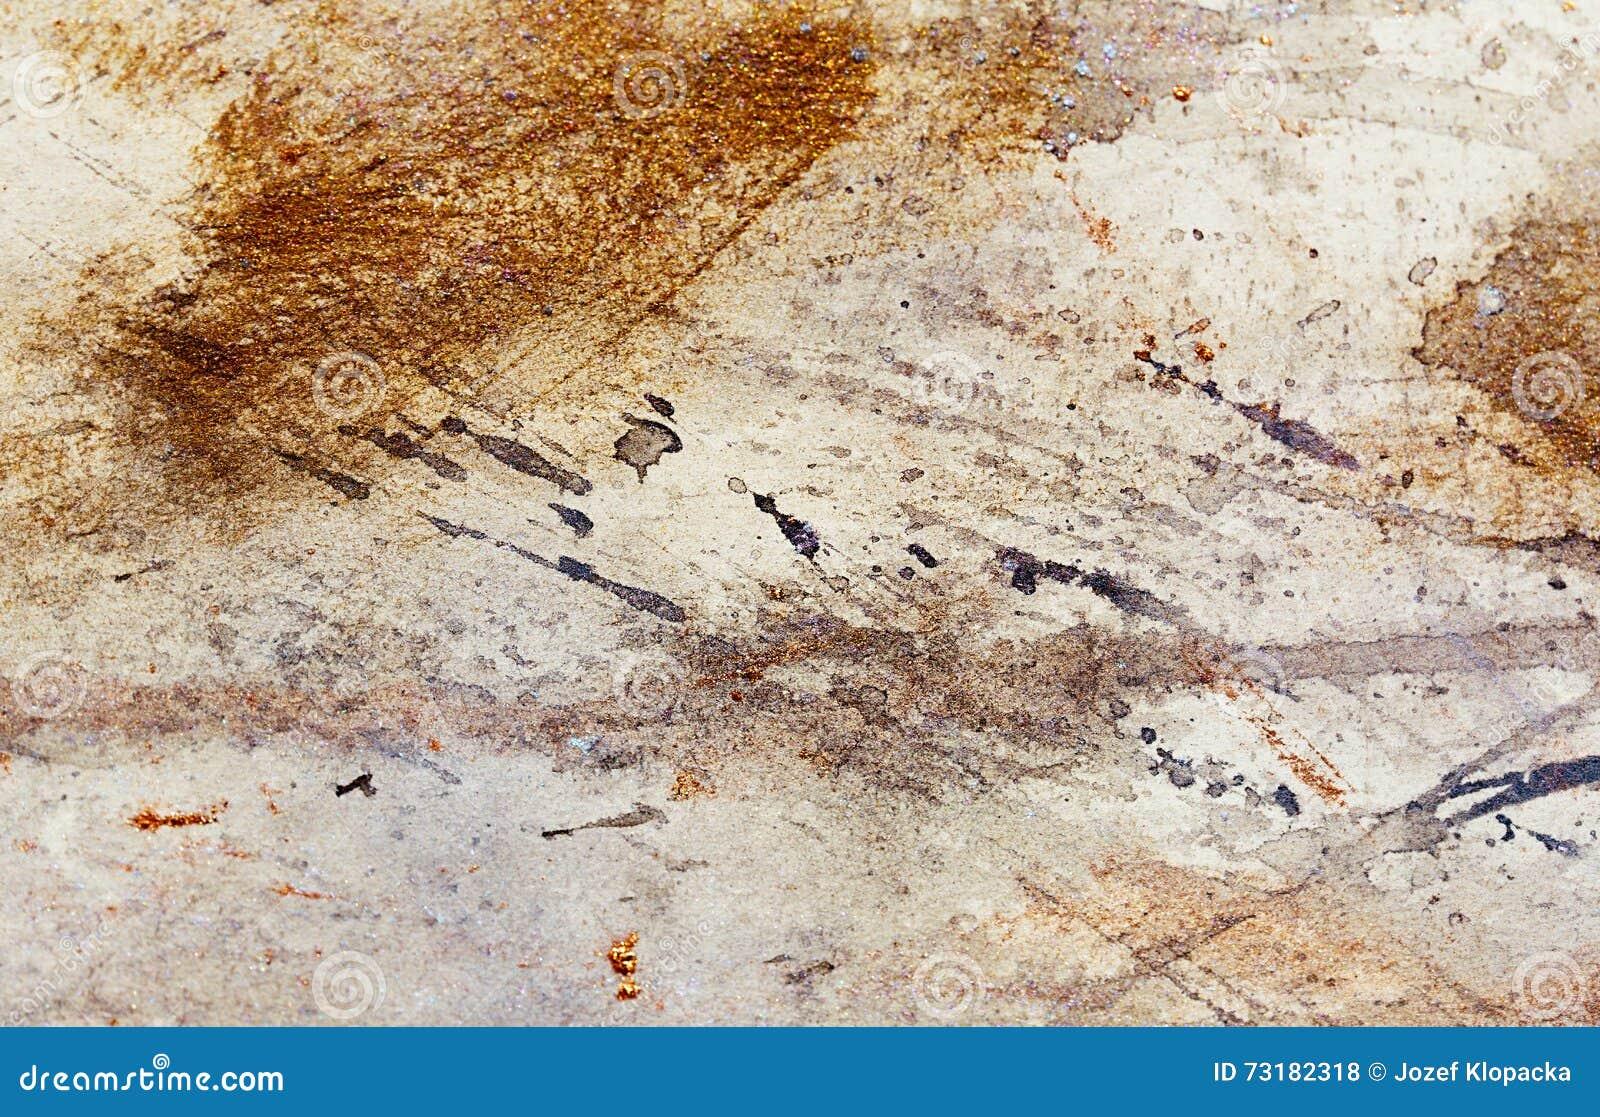 Peinture abstraite avec la structure trouble et souill e - Peinture avec effet texture ...